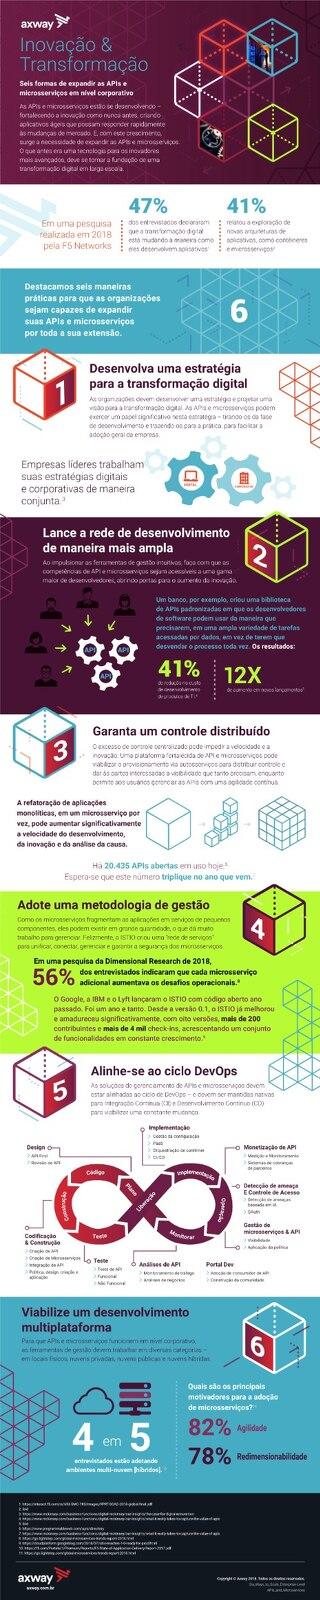 Inovação & Transformação